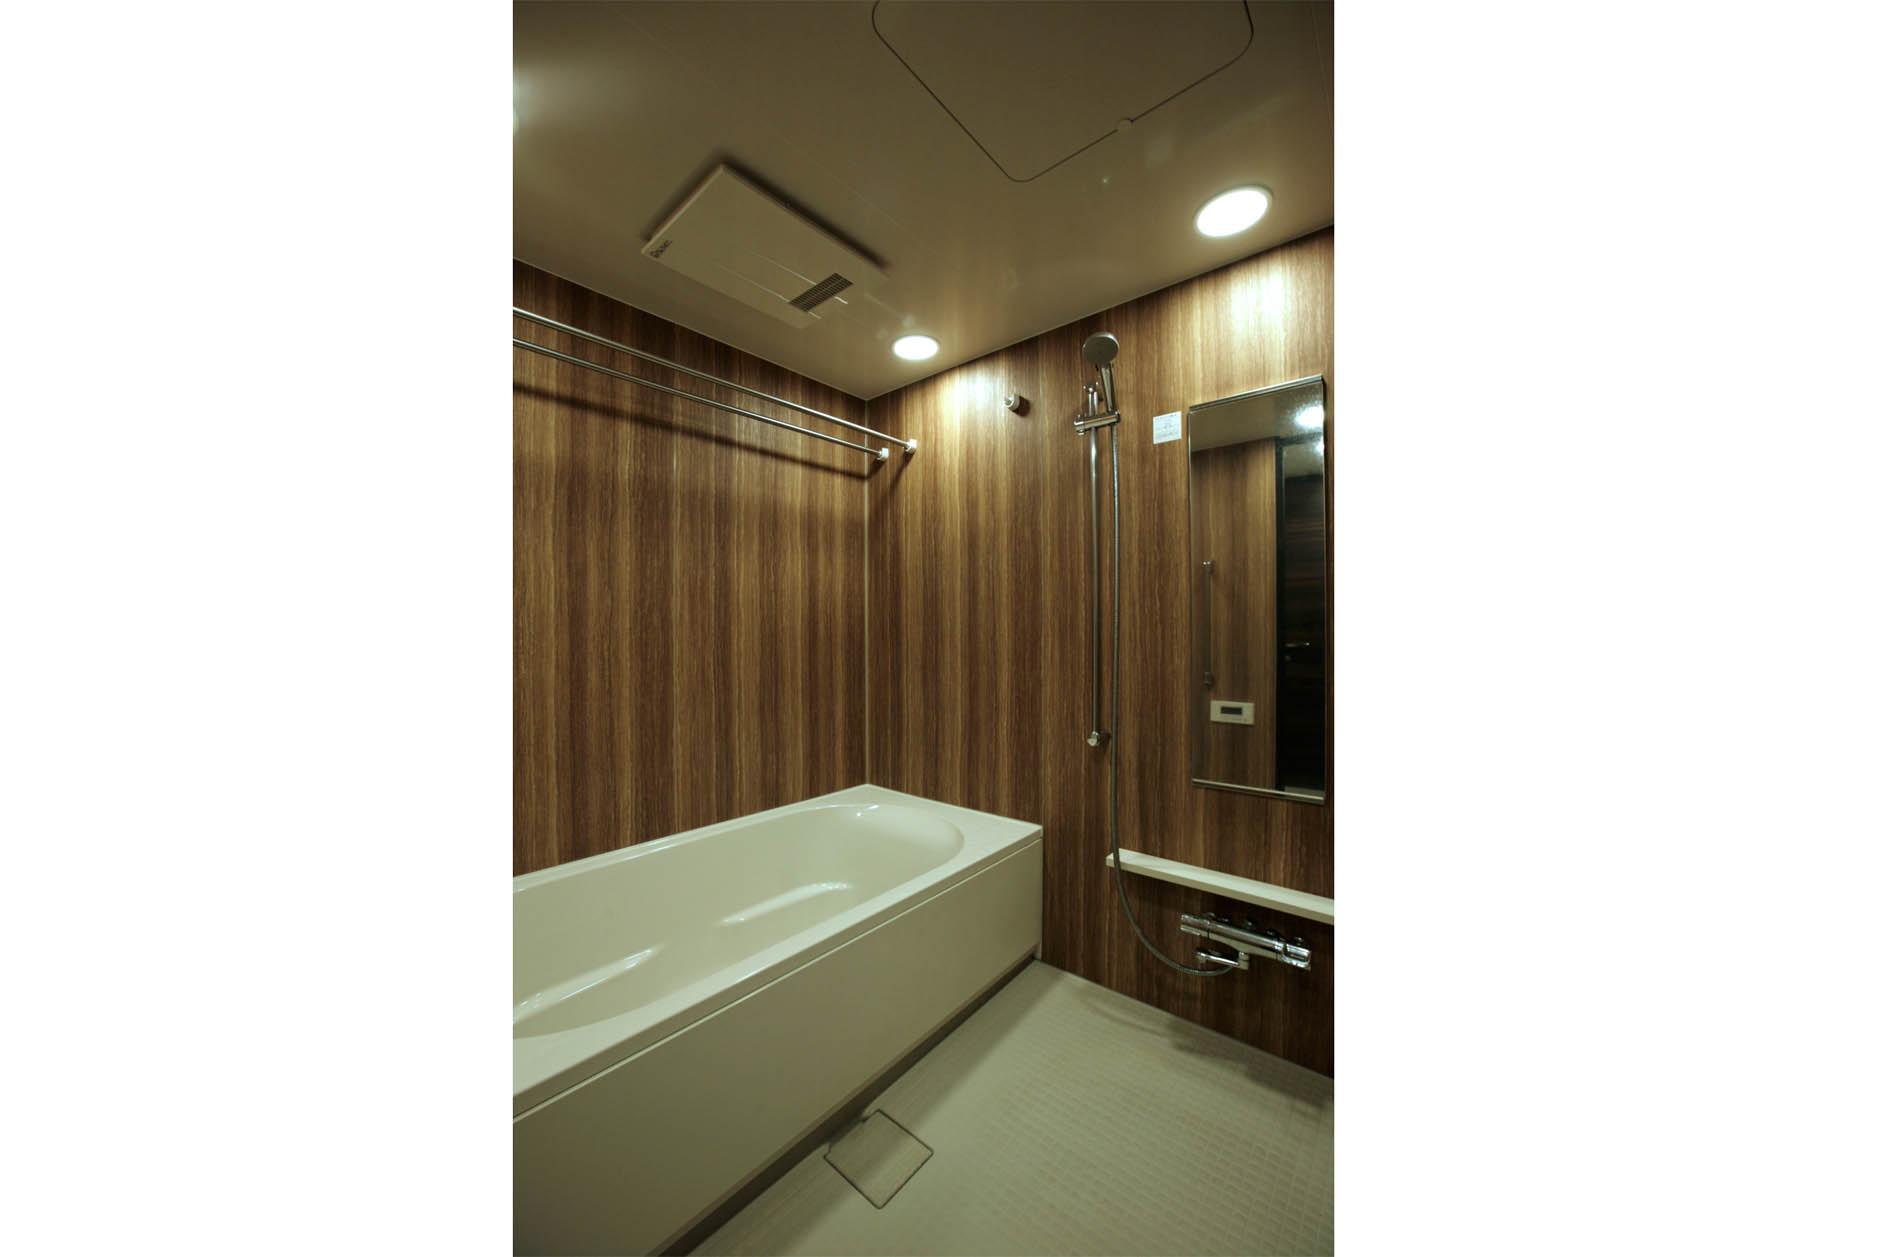 1600×2000の大型浴室は贅沢に快適な毎日のバスタイムを過ごせます。 イメージ